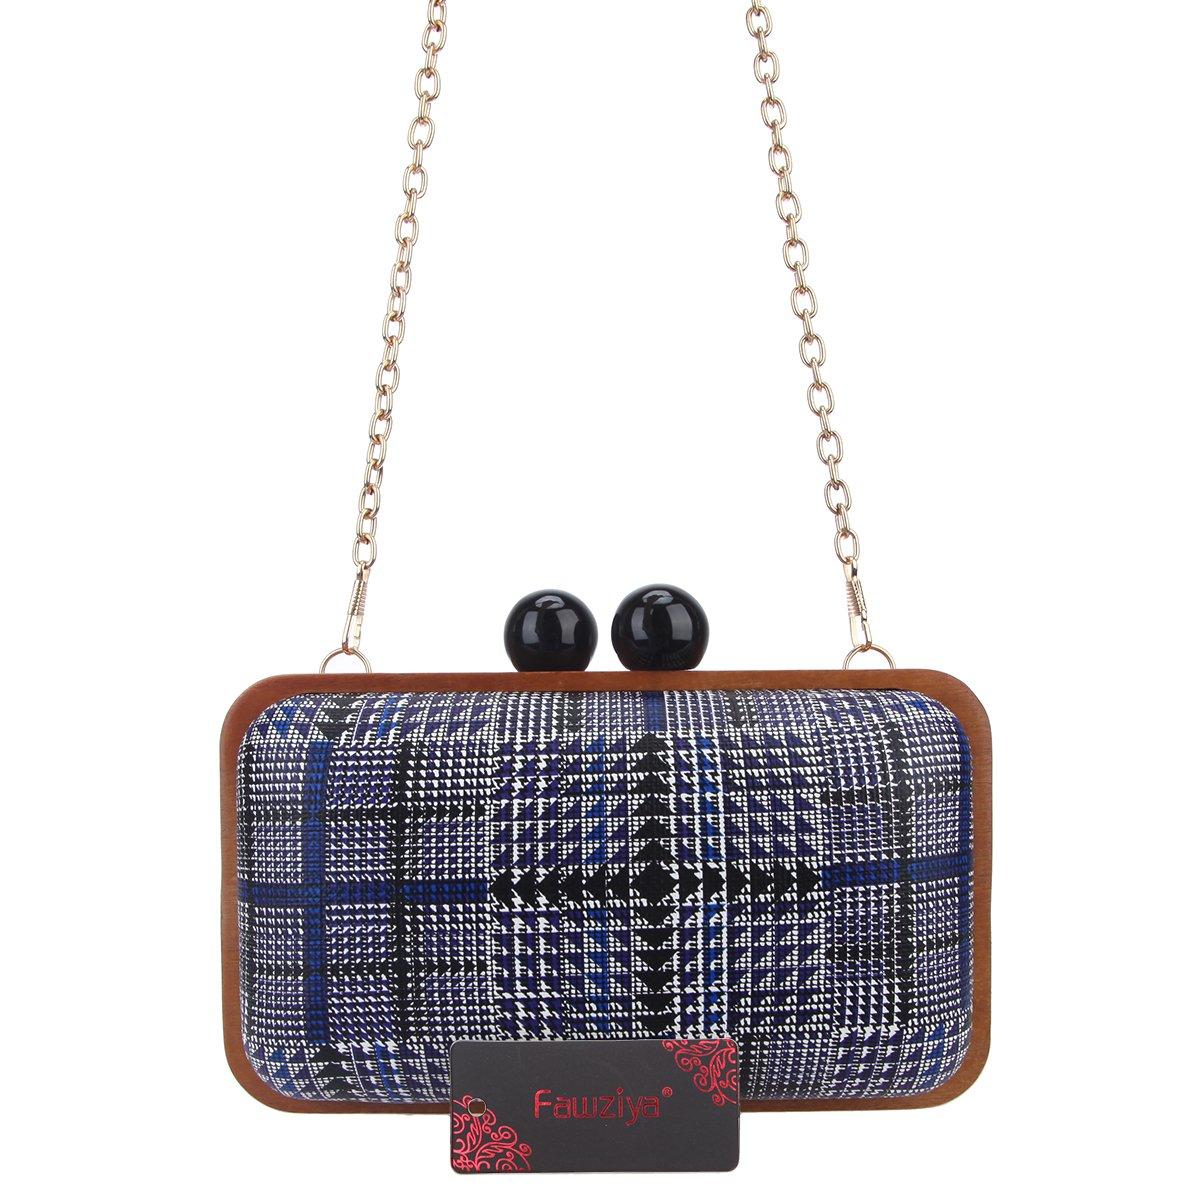 Amazon.com: fawziya bolsos de embrague para mujer marco de ...